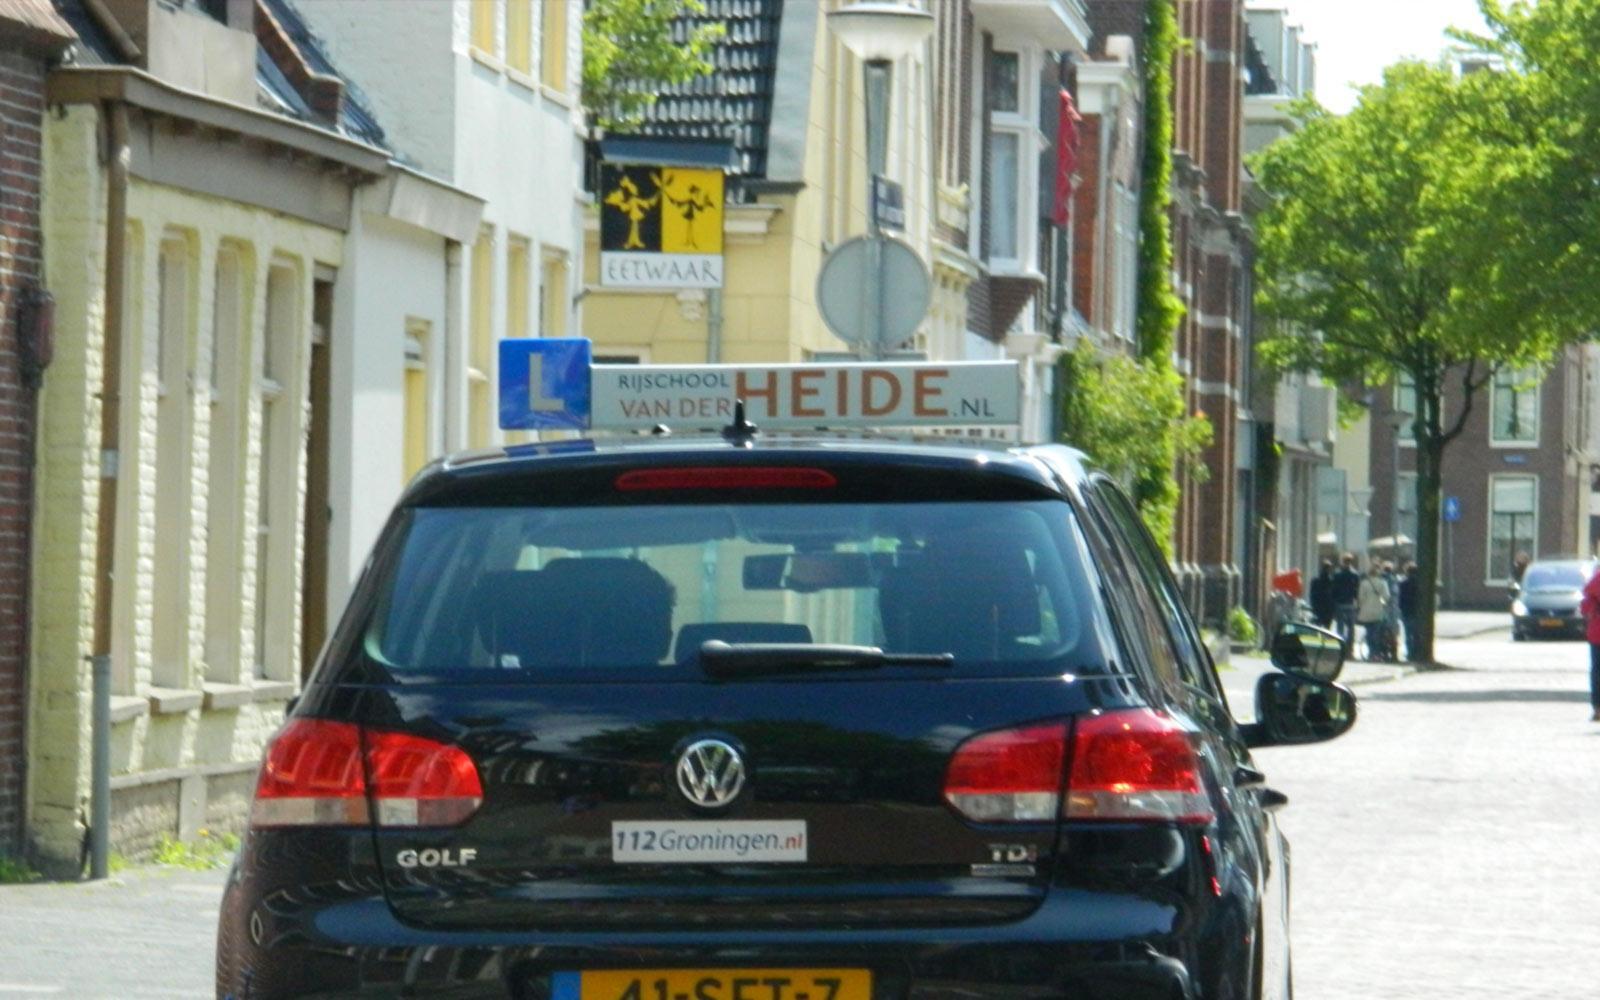 Gedreven rij-instructeurs voor rijlessen in Groningen en omgeving